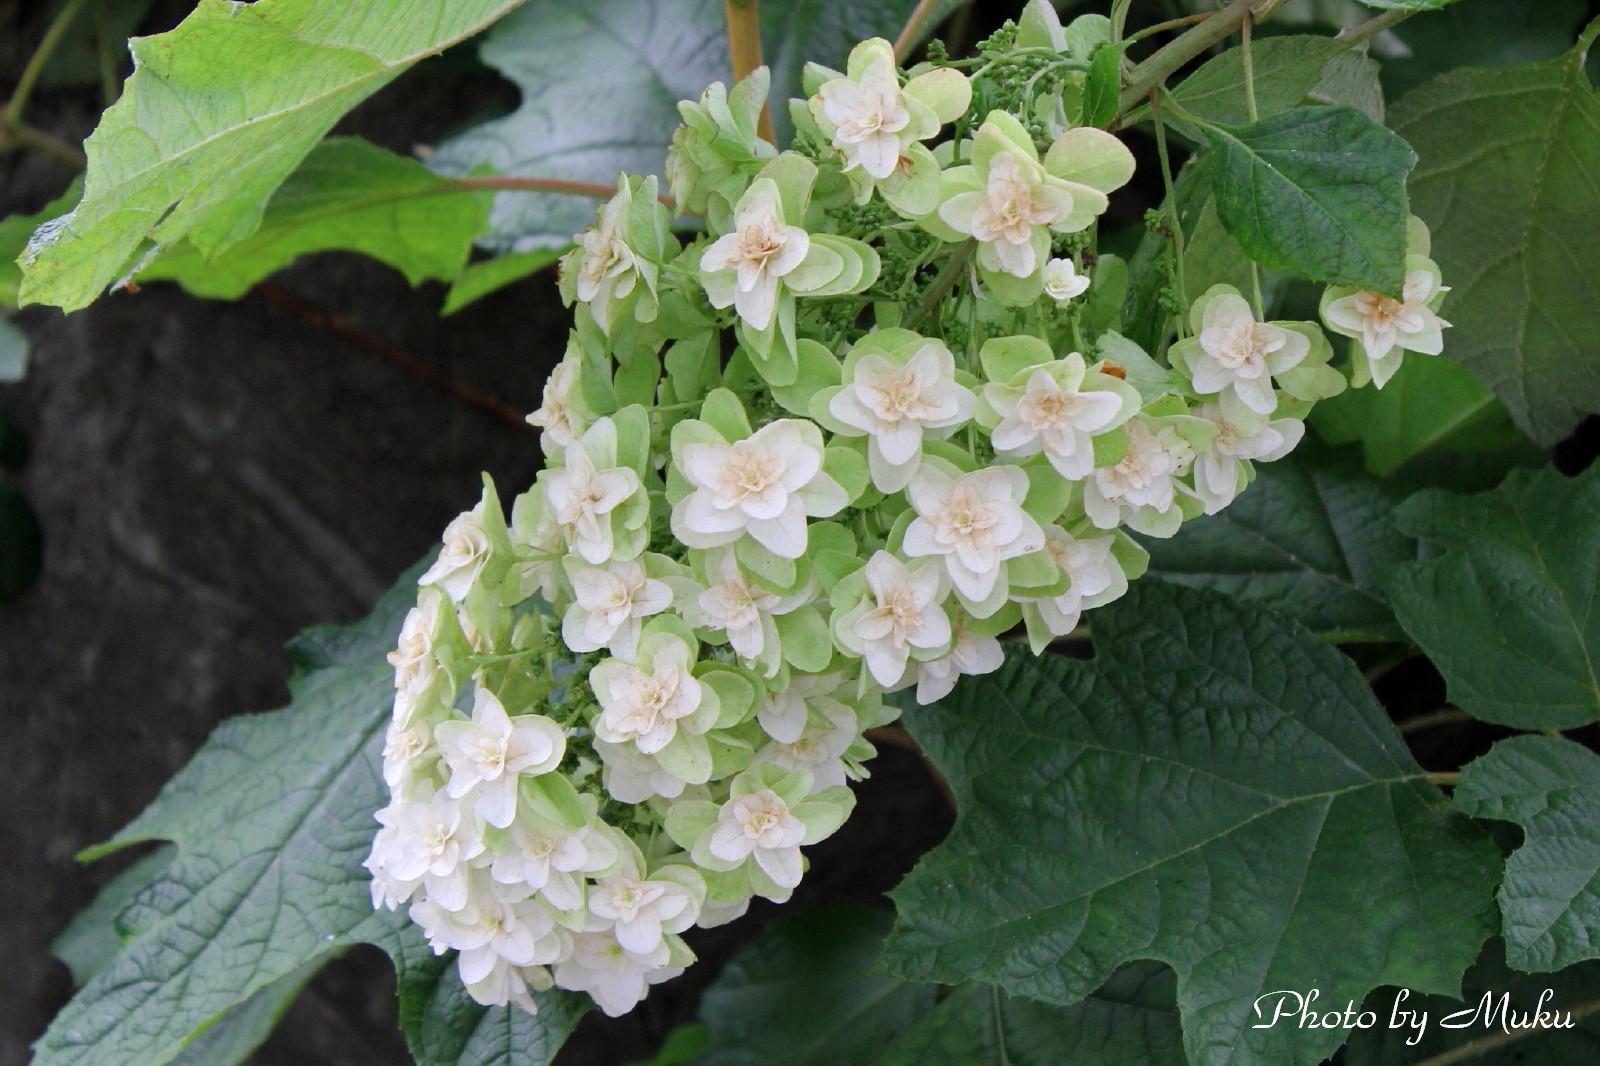 2014/06/27 カシワバアジサイ (三崎口:神奈川県三浦市)